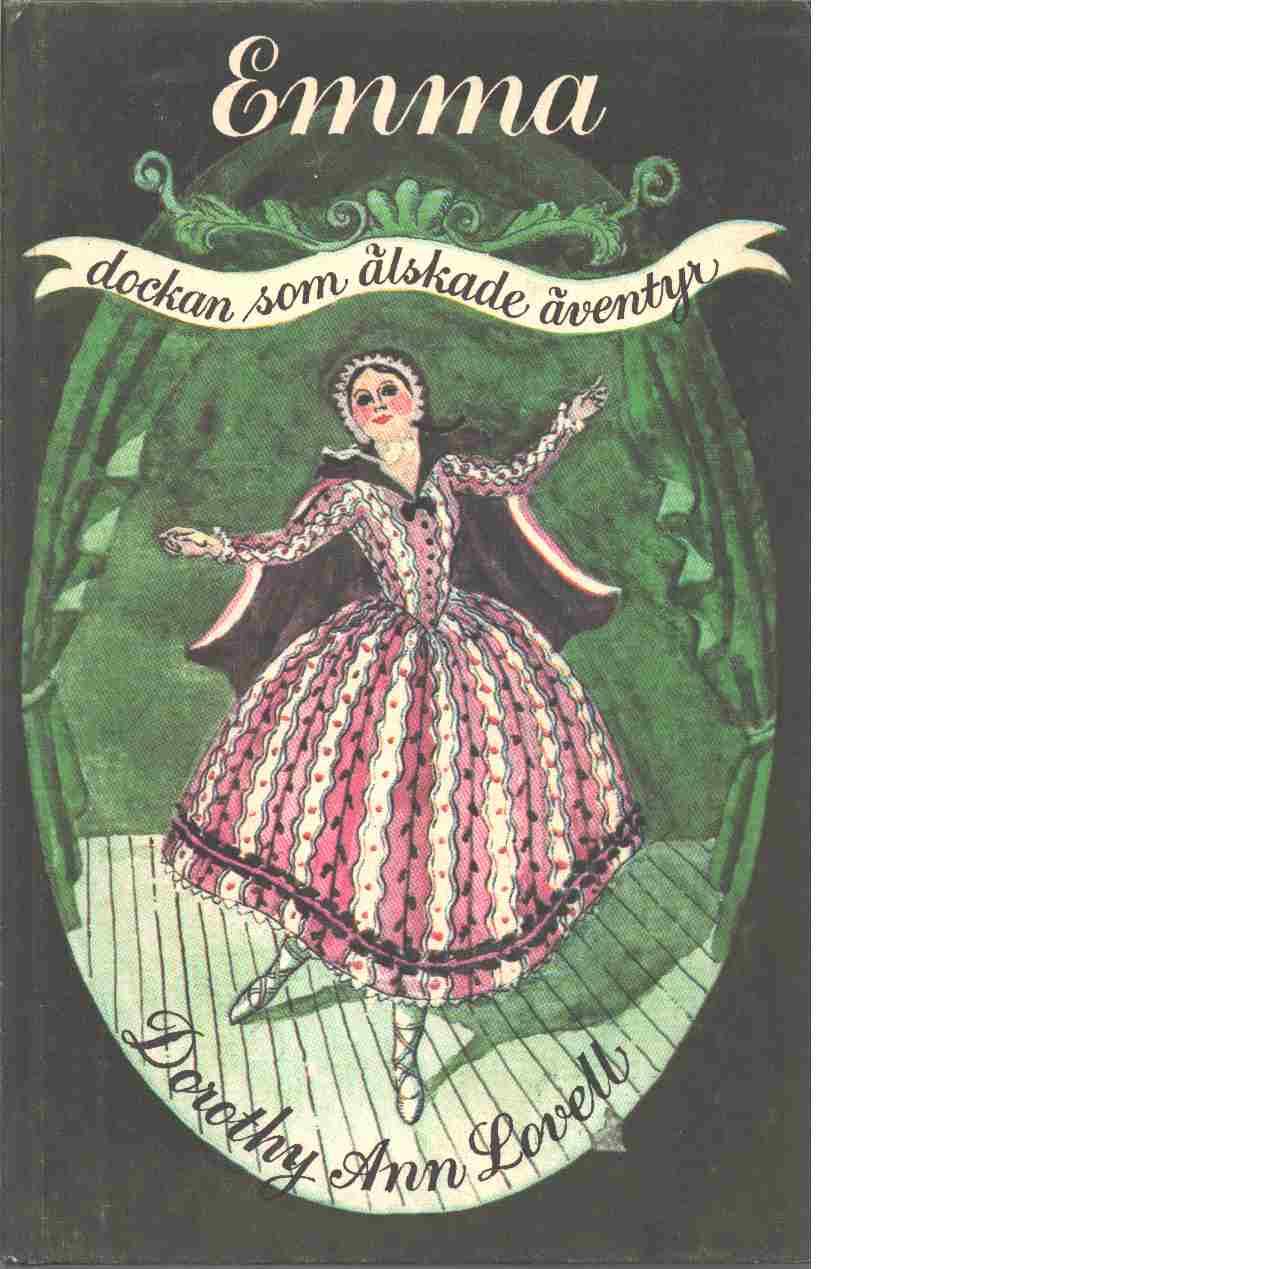 Emma, dockan som älskade äventyr. - Lovell, Dorothy Ann